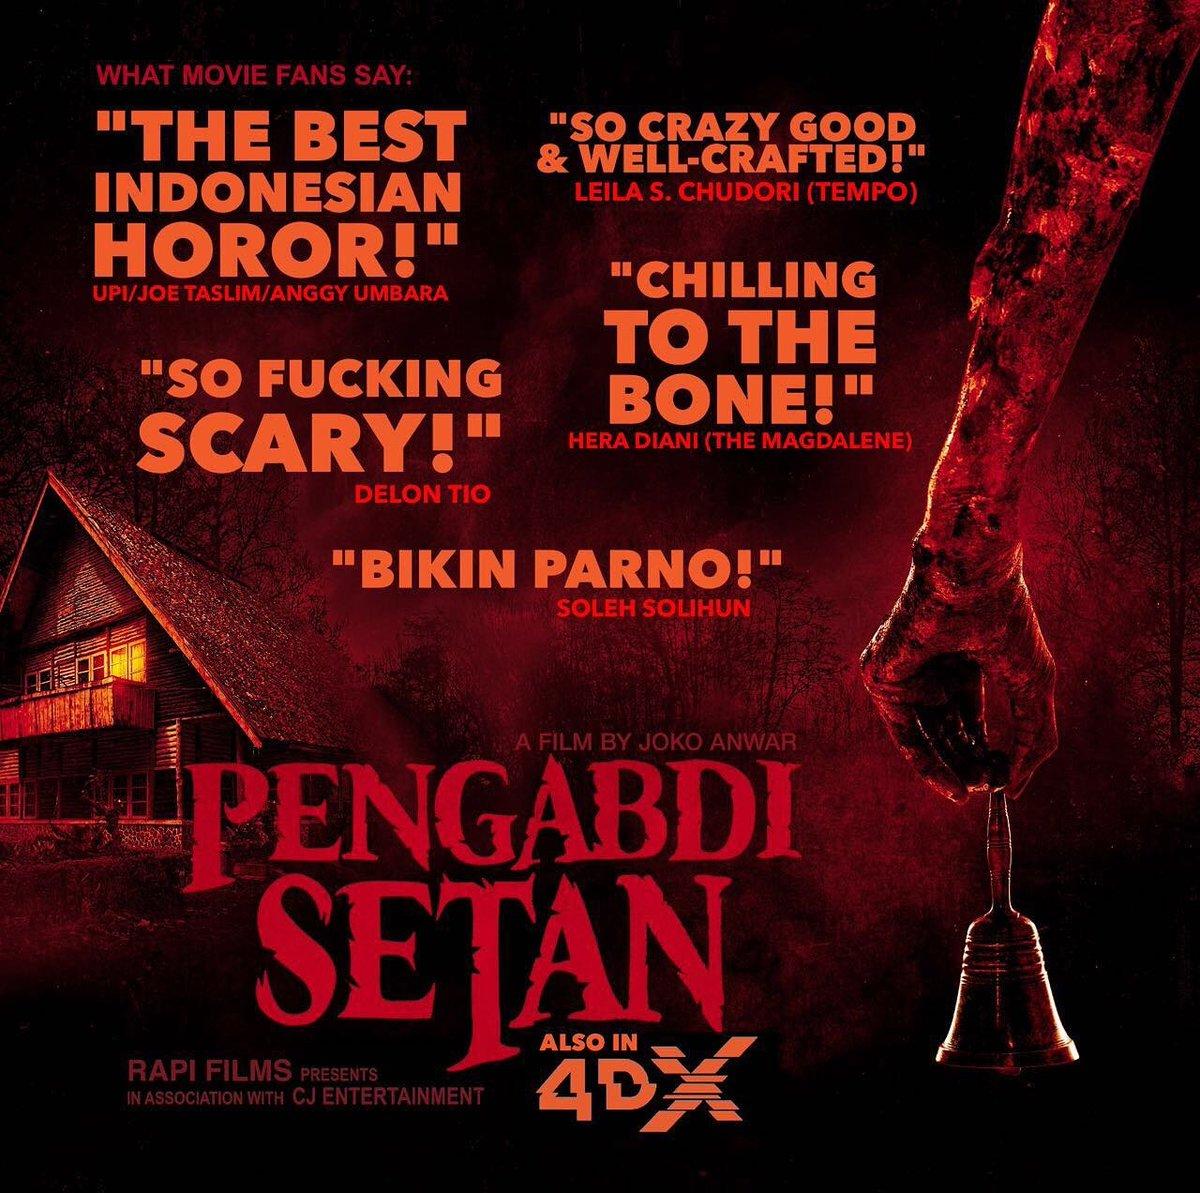 Pengabdi Setan Film Horor Indonesia Terbaik?